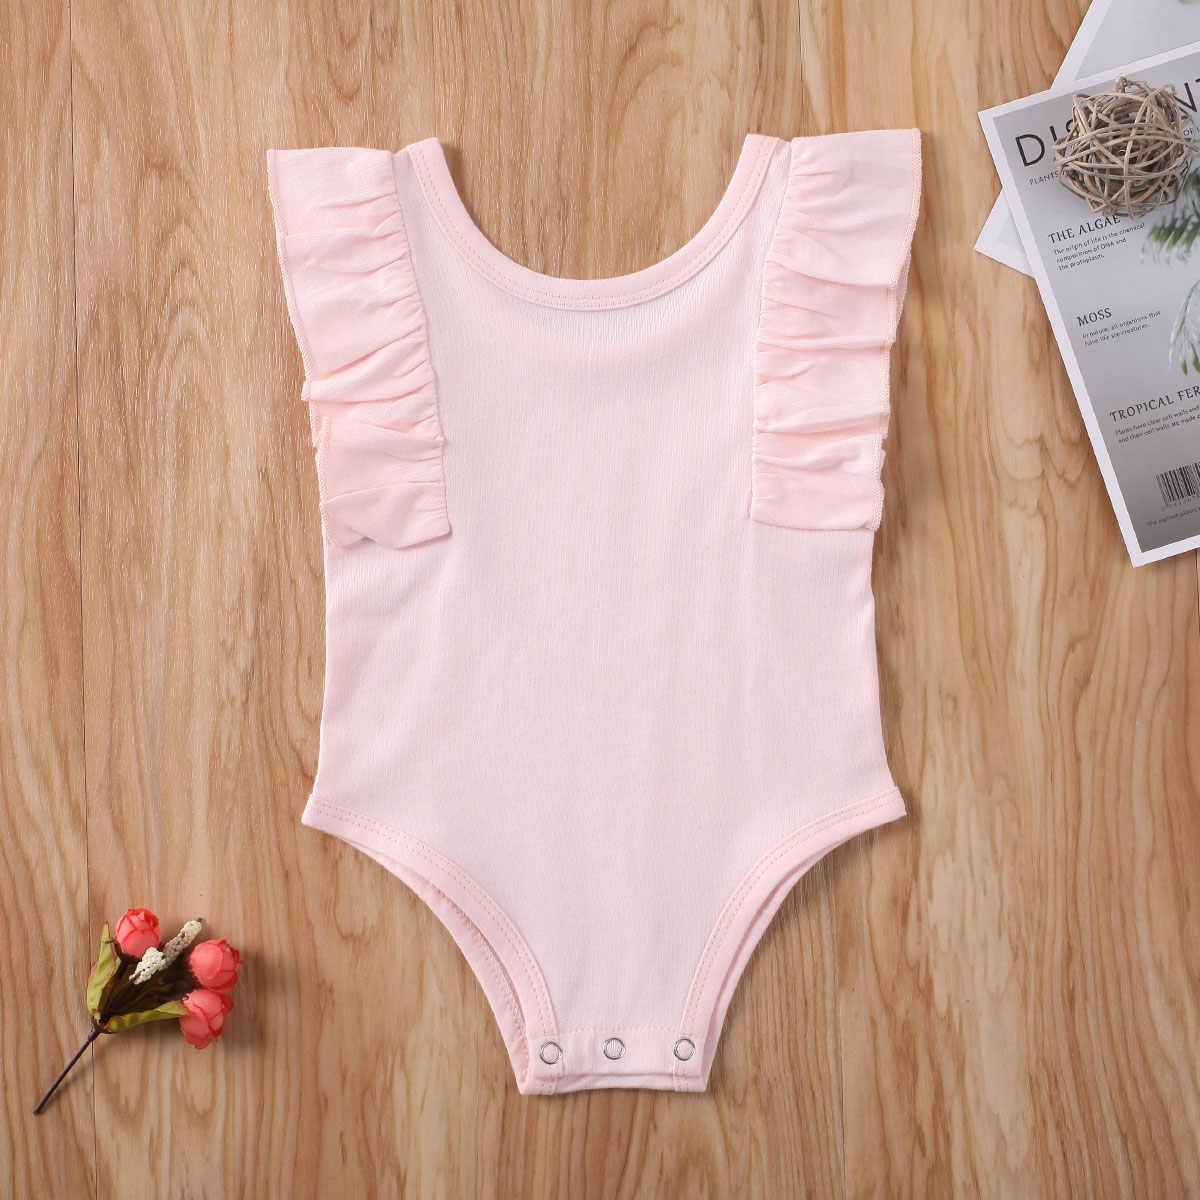 2020 Baby Sommer Kleidung Neugeborenen Baby Junge Mädchen Unisex Baumwolle Overall Body Rüschen Feste Kleidung Set Sleeveless Sunsuit